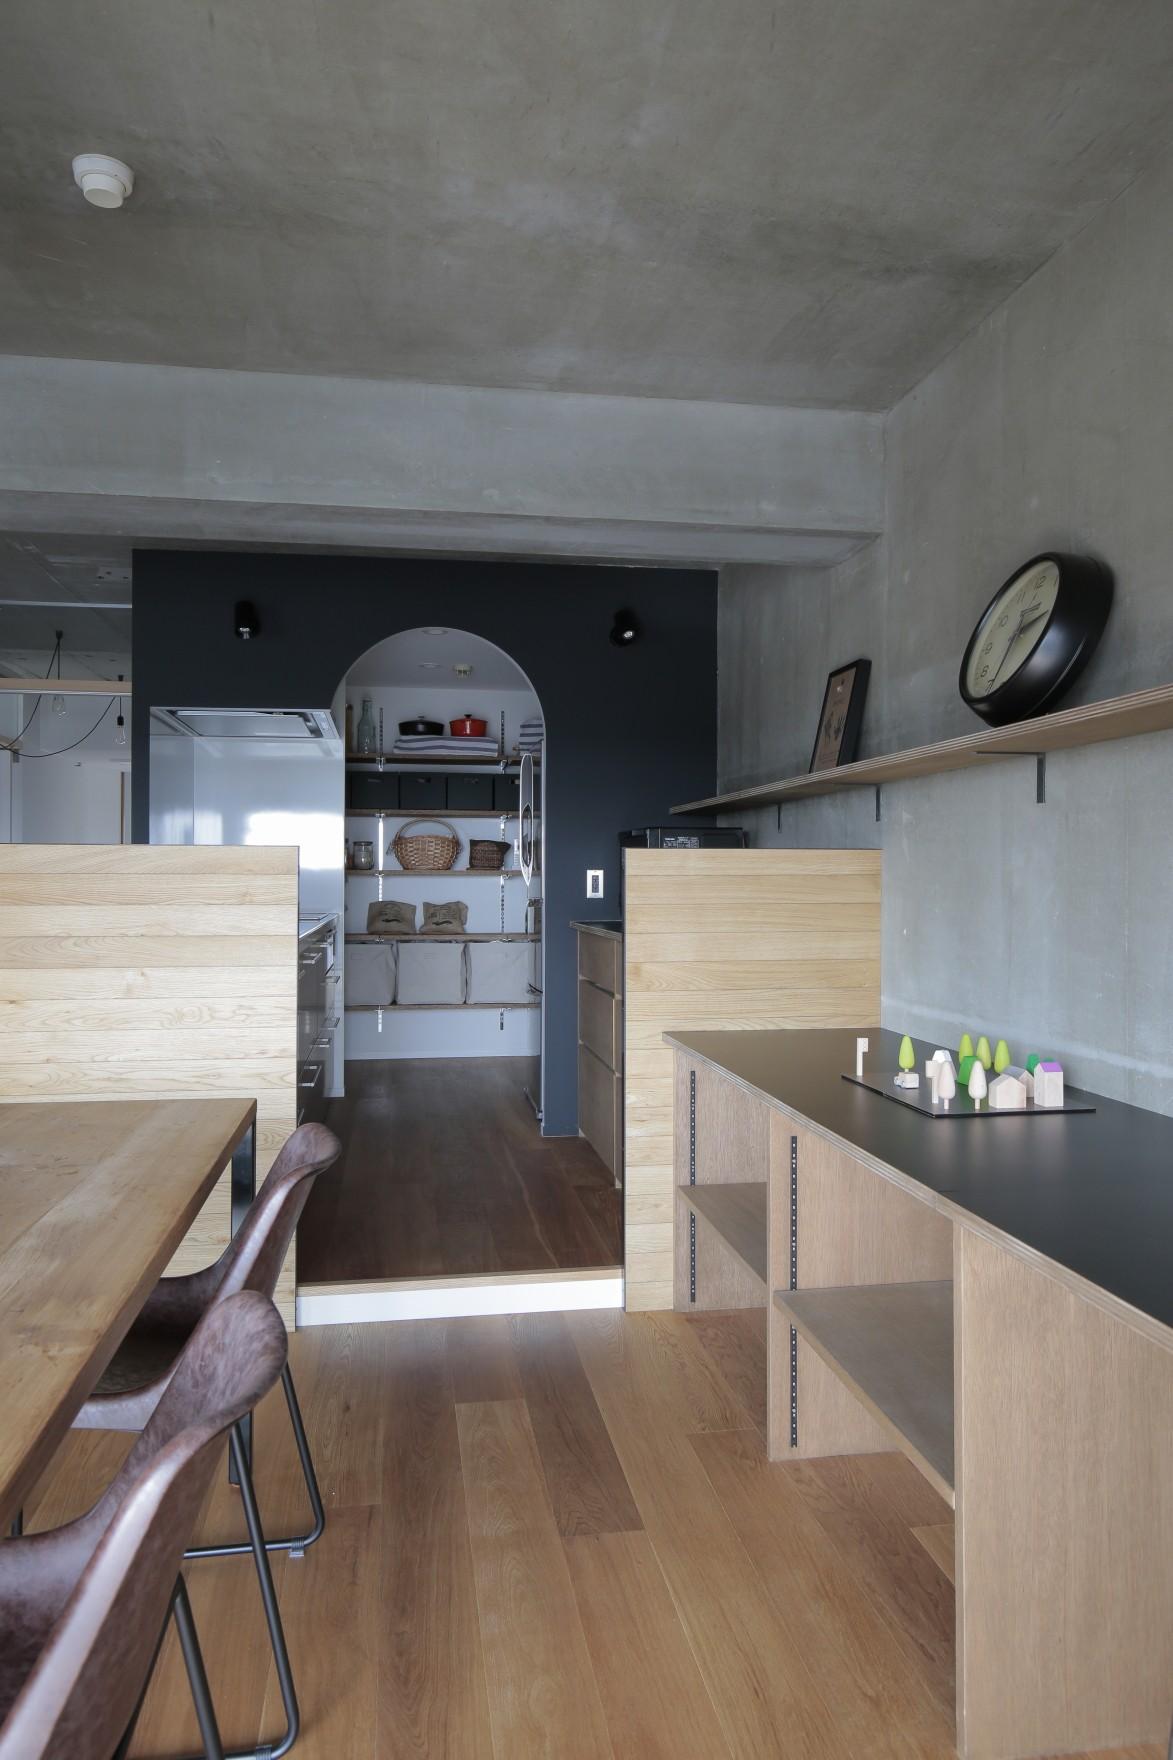 キッチン事例:ダイニングキッチン(高槻のマンションリフォーム)